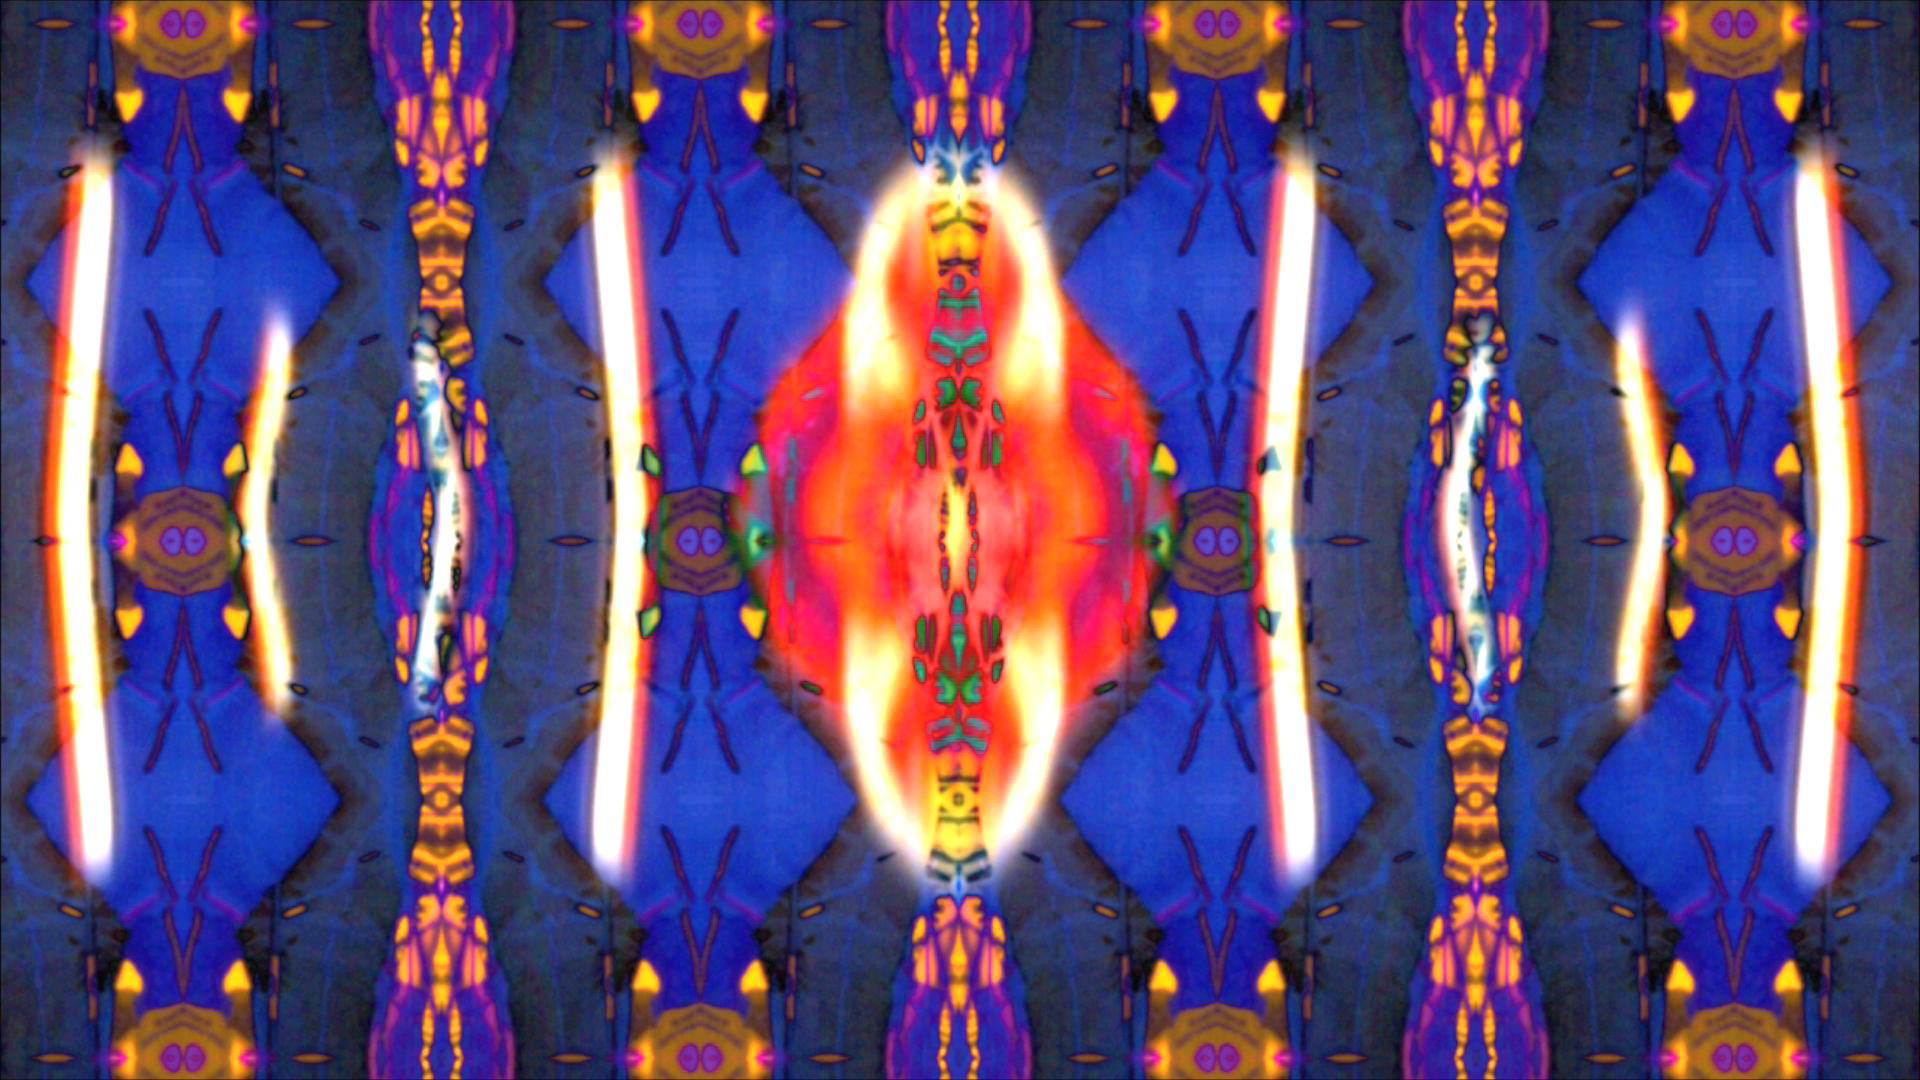 beads-2-andrew-rosinski-8